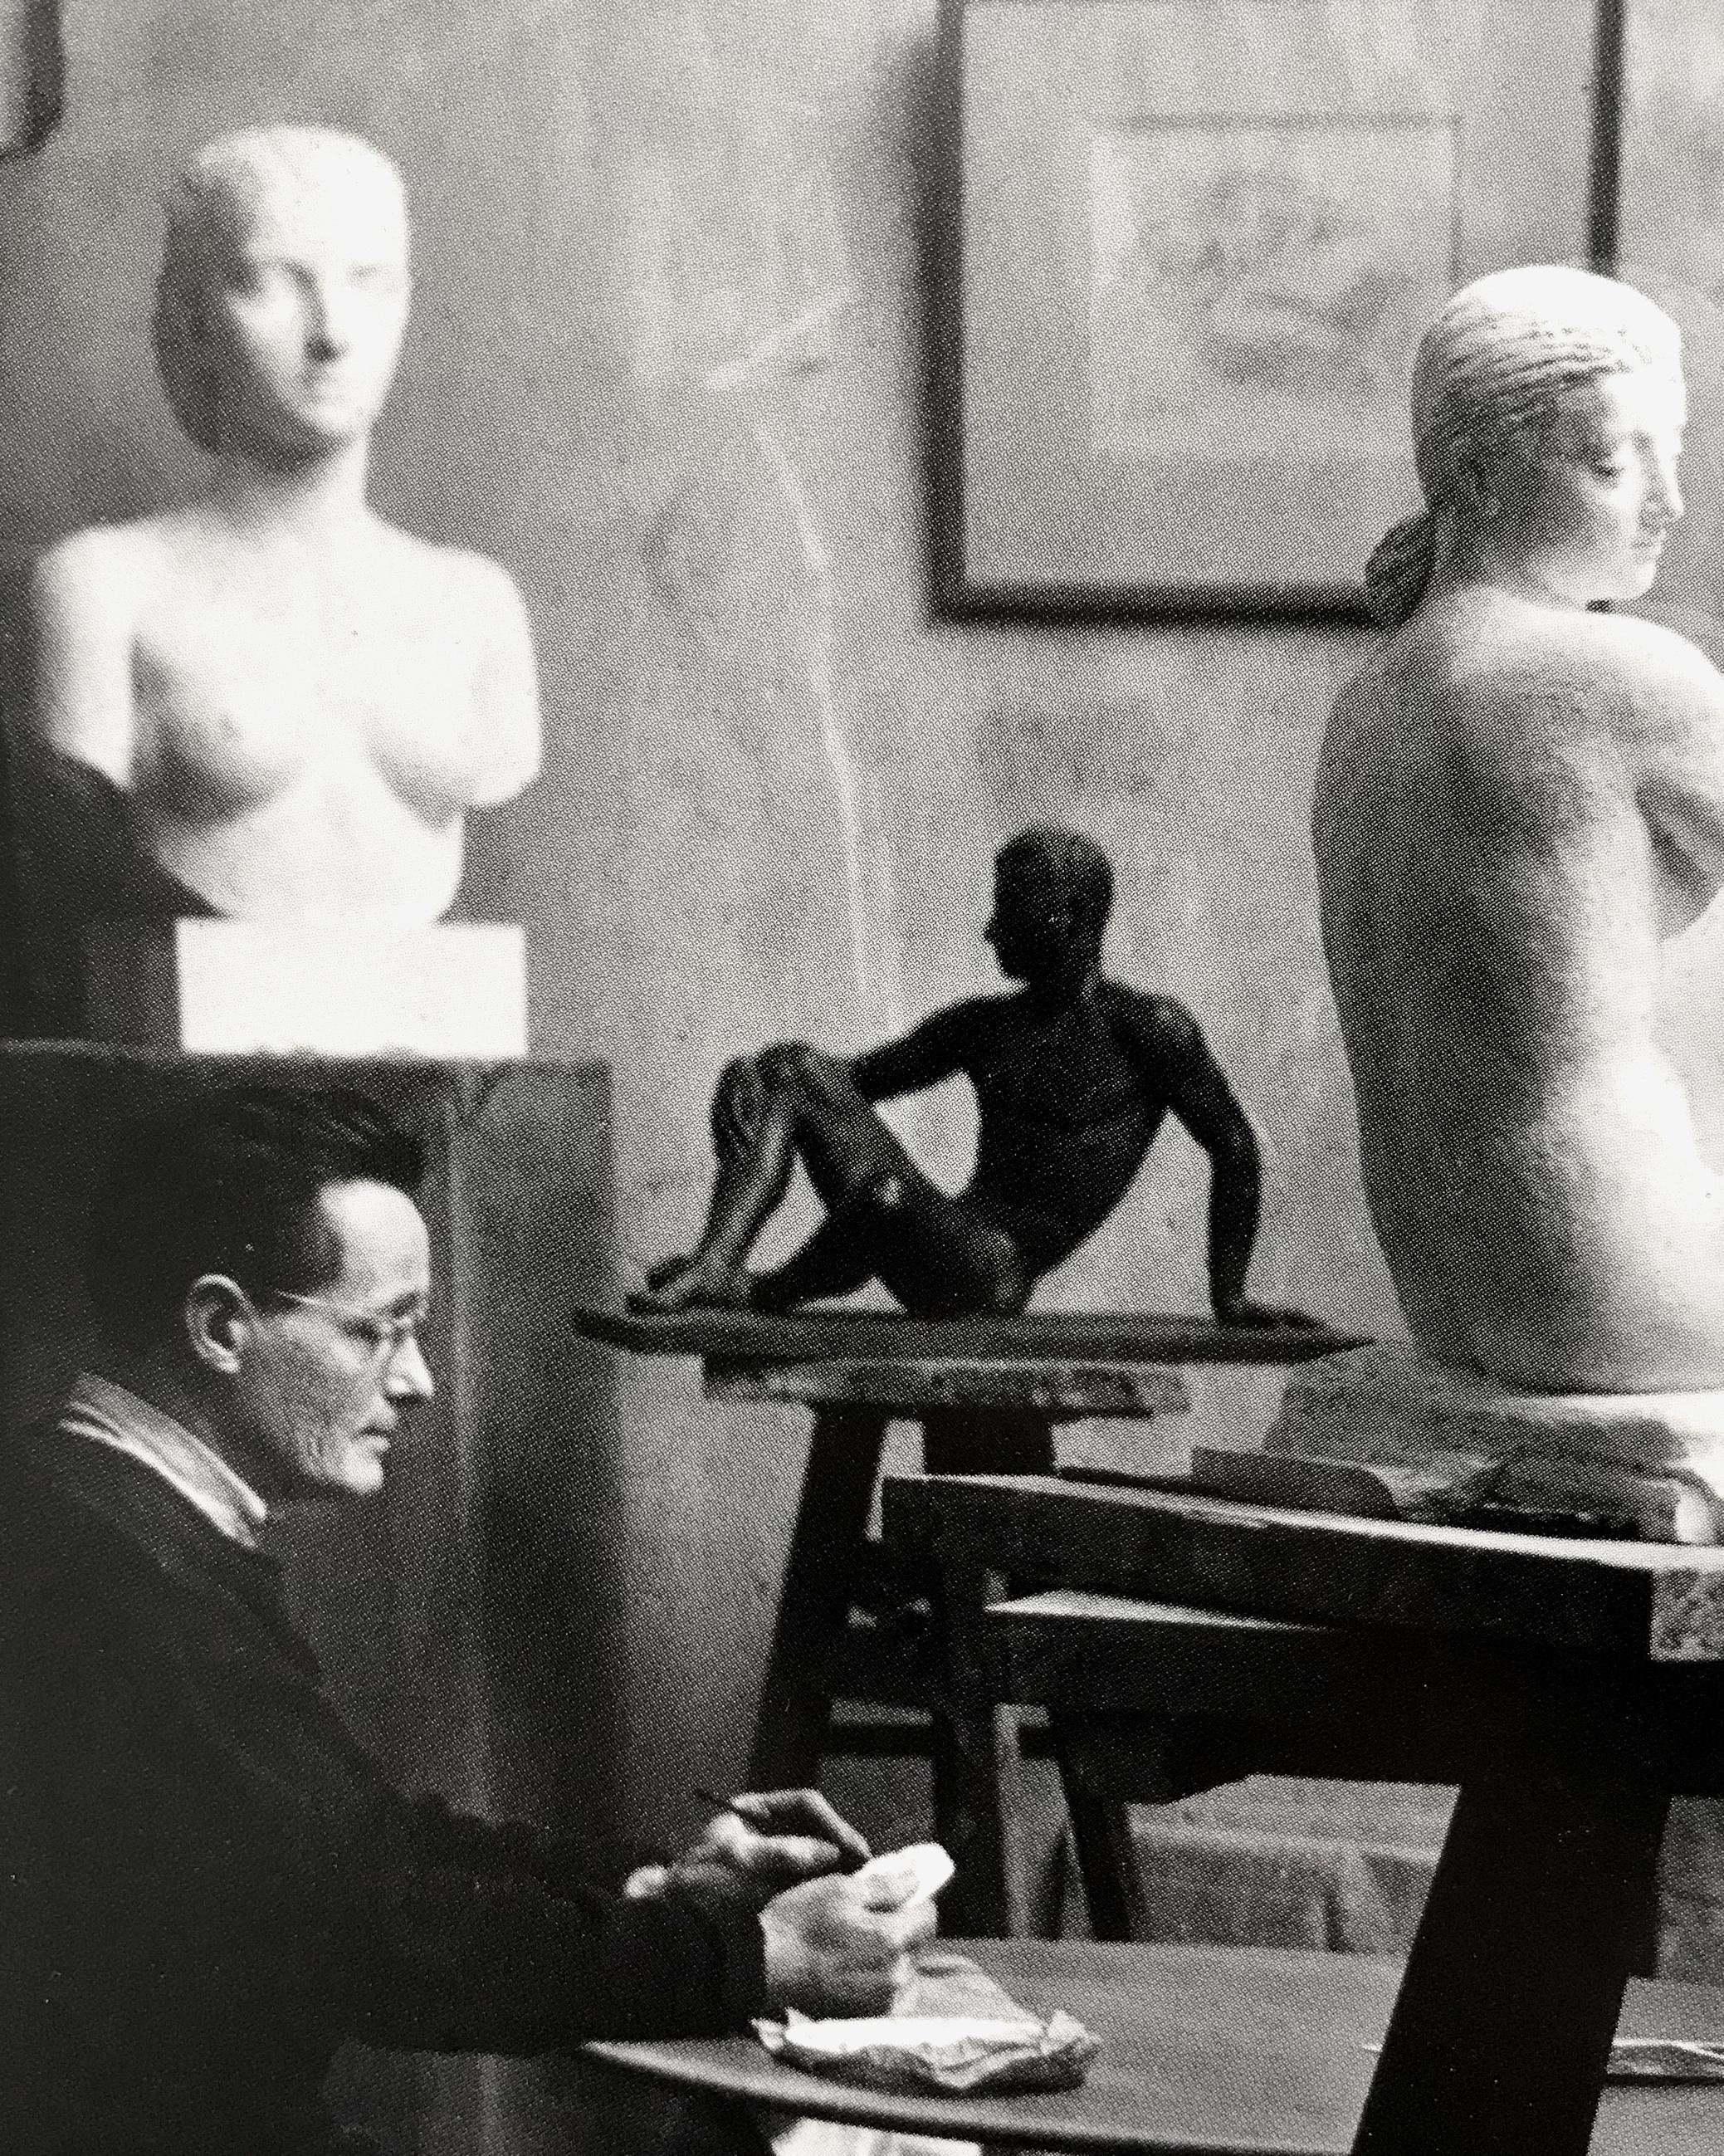 Pierre Bouret - 1897 - 1972